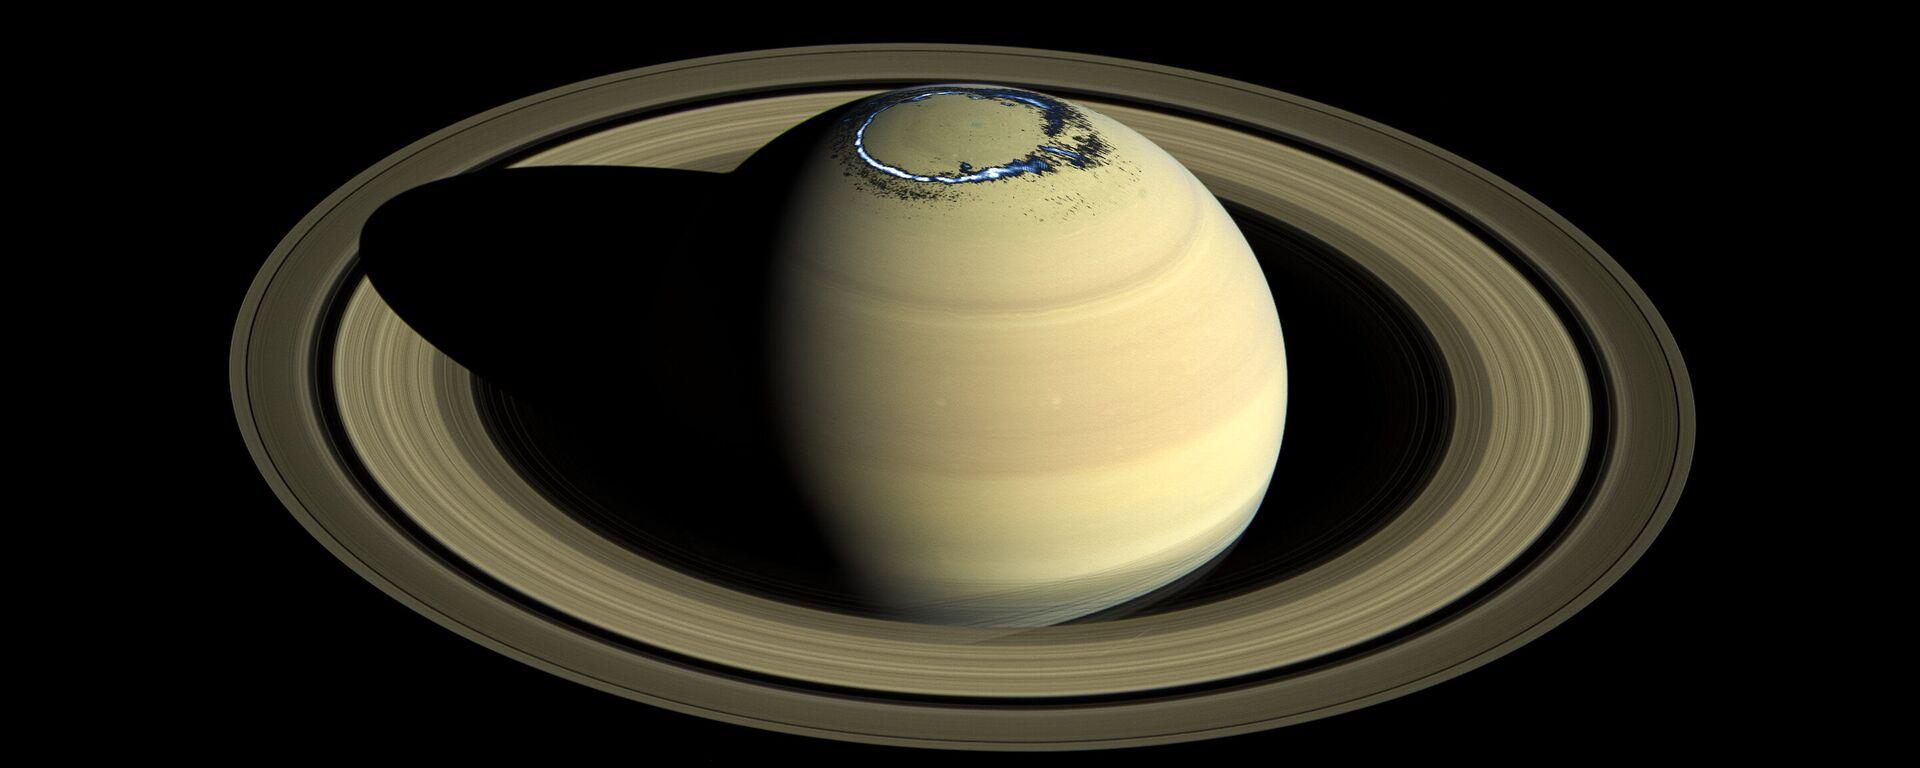 Изображение истинного цвет Сатурна, запечатленного Кассини в 2016 году, наложено на изображение цвета ультрафиолетового сияния в северном полушарии, которое наблюдалось 20 августа 2017 года - Sputnik Česká republika, 1920, 01.08.2021